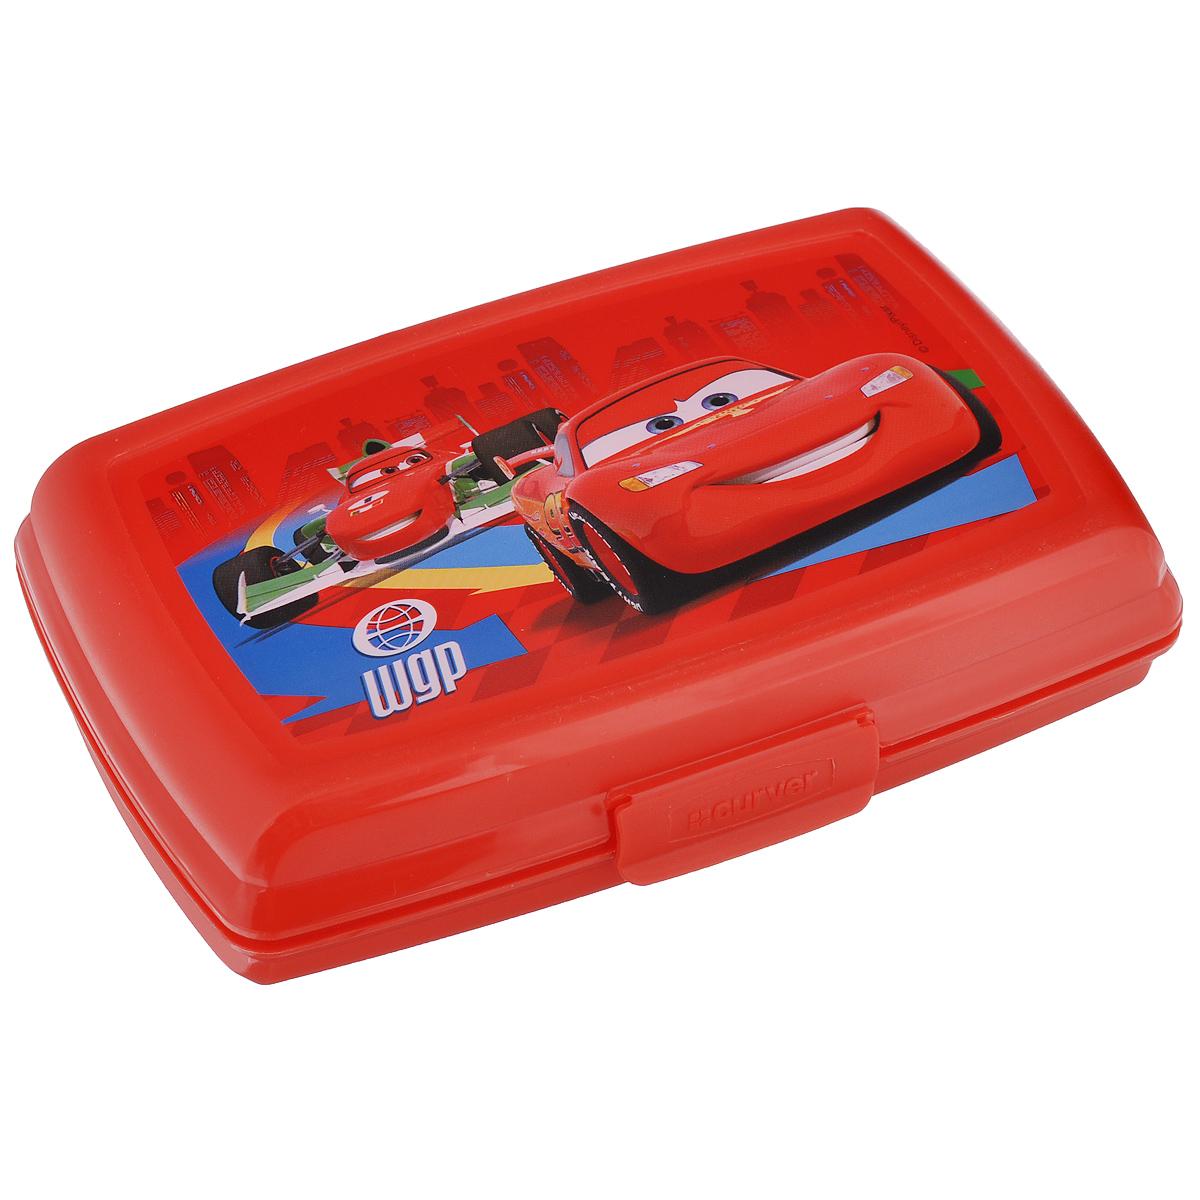 Емкость Curver Multisnap Disney, цвет: красный, 0,6 л02275-С06-01_красныйCurver Multisnap Disney - это небольшая емкость, предназначенная для хранения мелких предметов. Выполнена из высококачественного пластика. Емкость имеет пластиковую защелку, предохраняющую содержимое от высыпания. Идеально подходит для хранения мелков, скрепок и других мелких предметов, для которых трудно найти надлежащее место в комнате. Также отлично подходит в качестве емкости для второго завтрака вне дома.